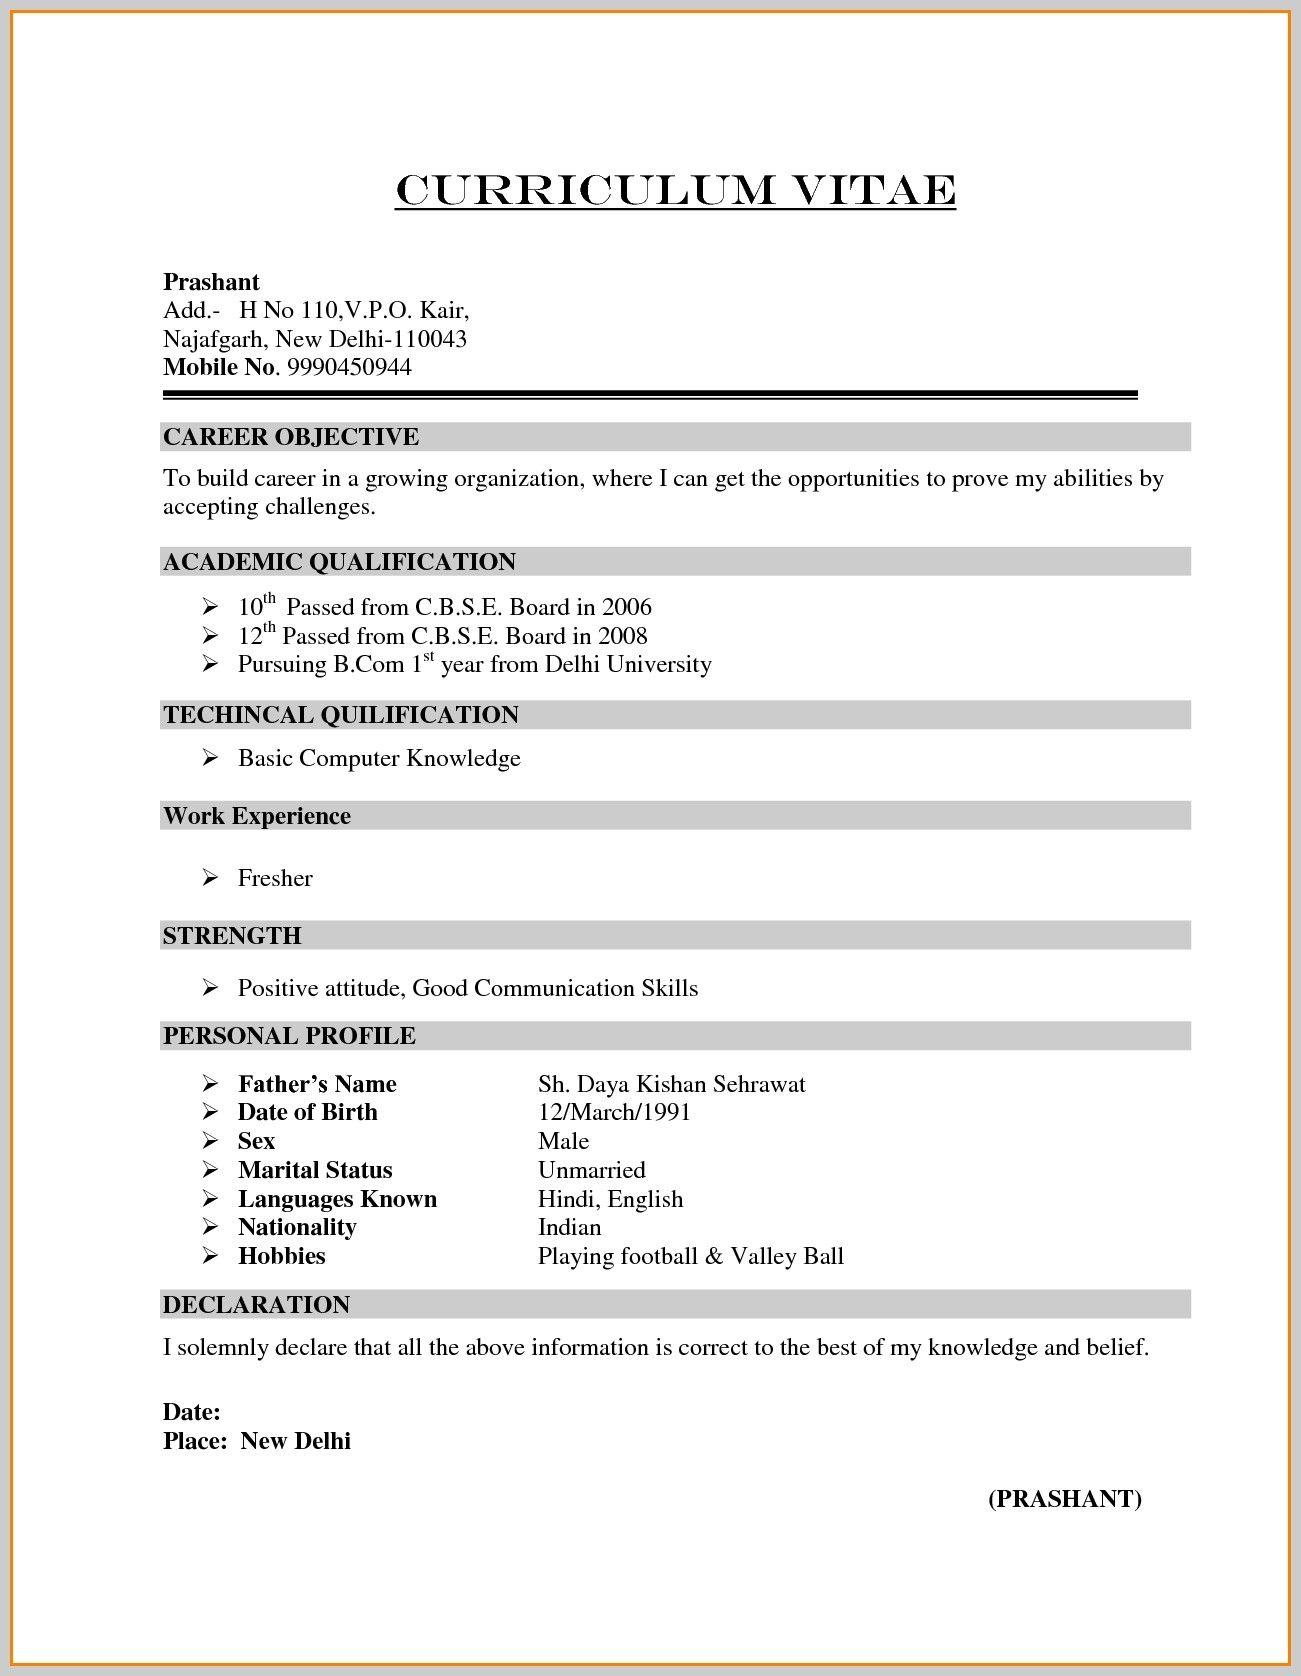 Cv Resume Format For Freshers Pdf